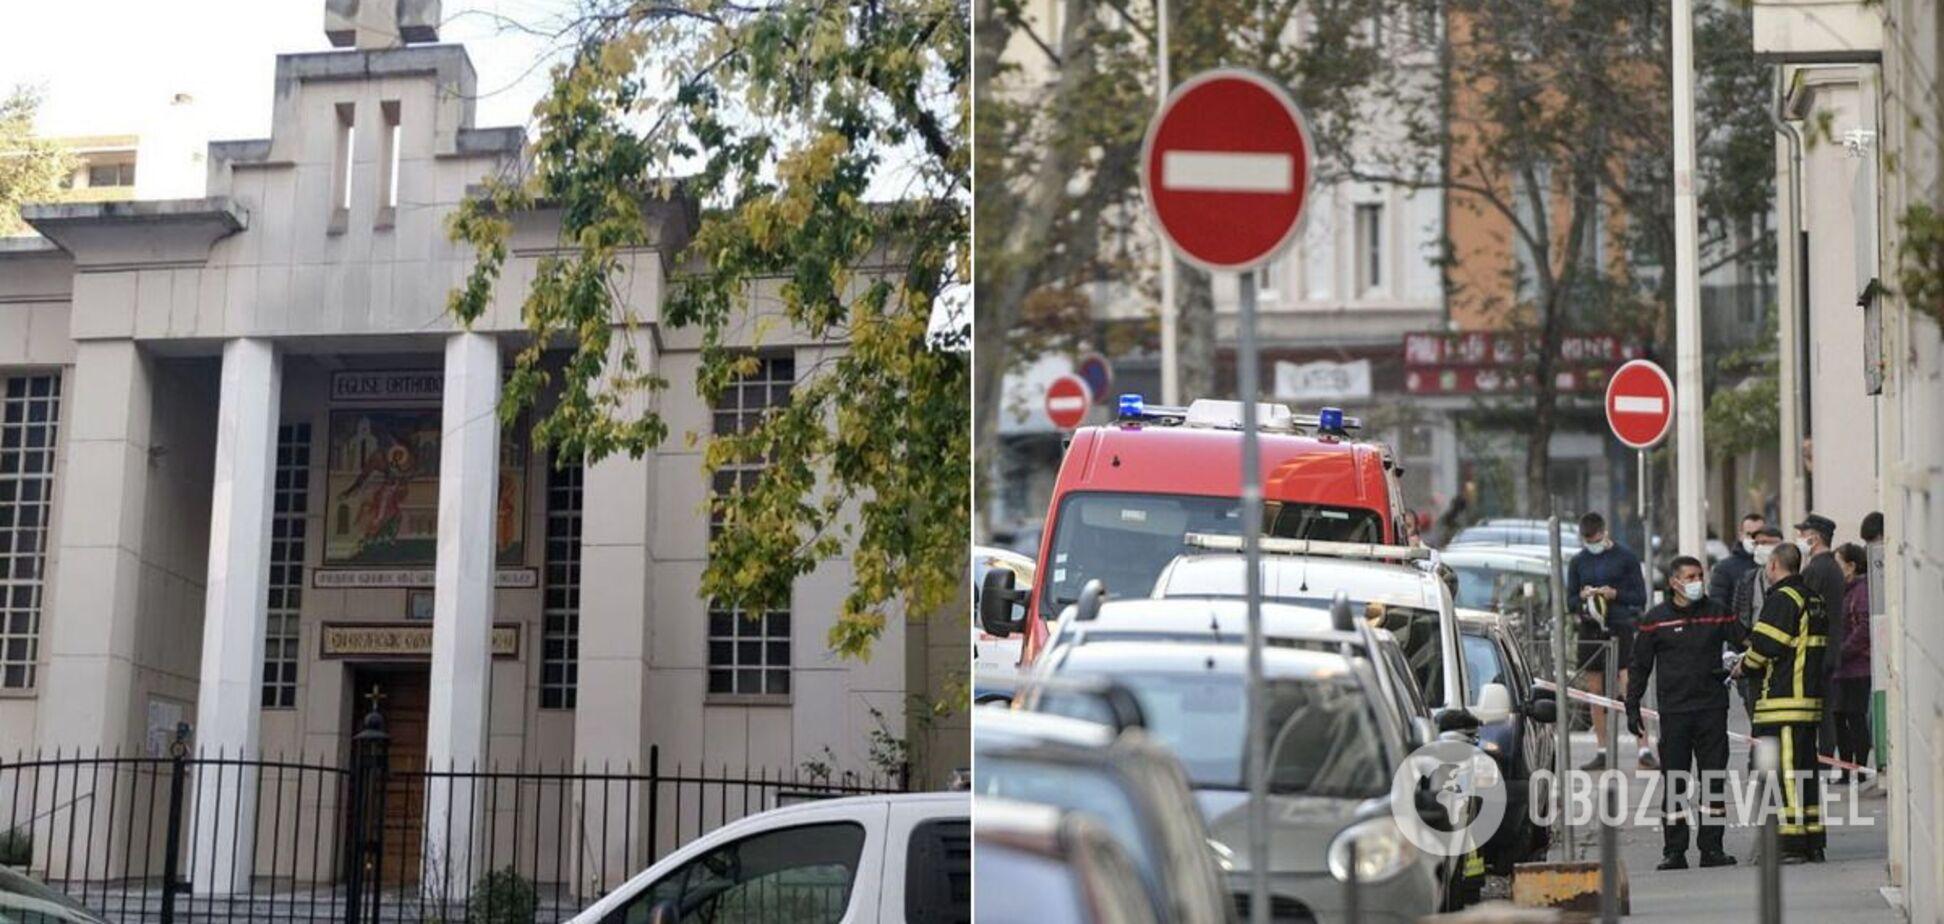 Возле церкви в Лионе подстрелили священника